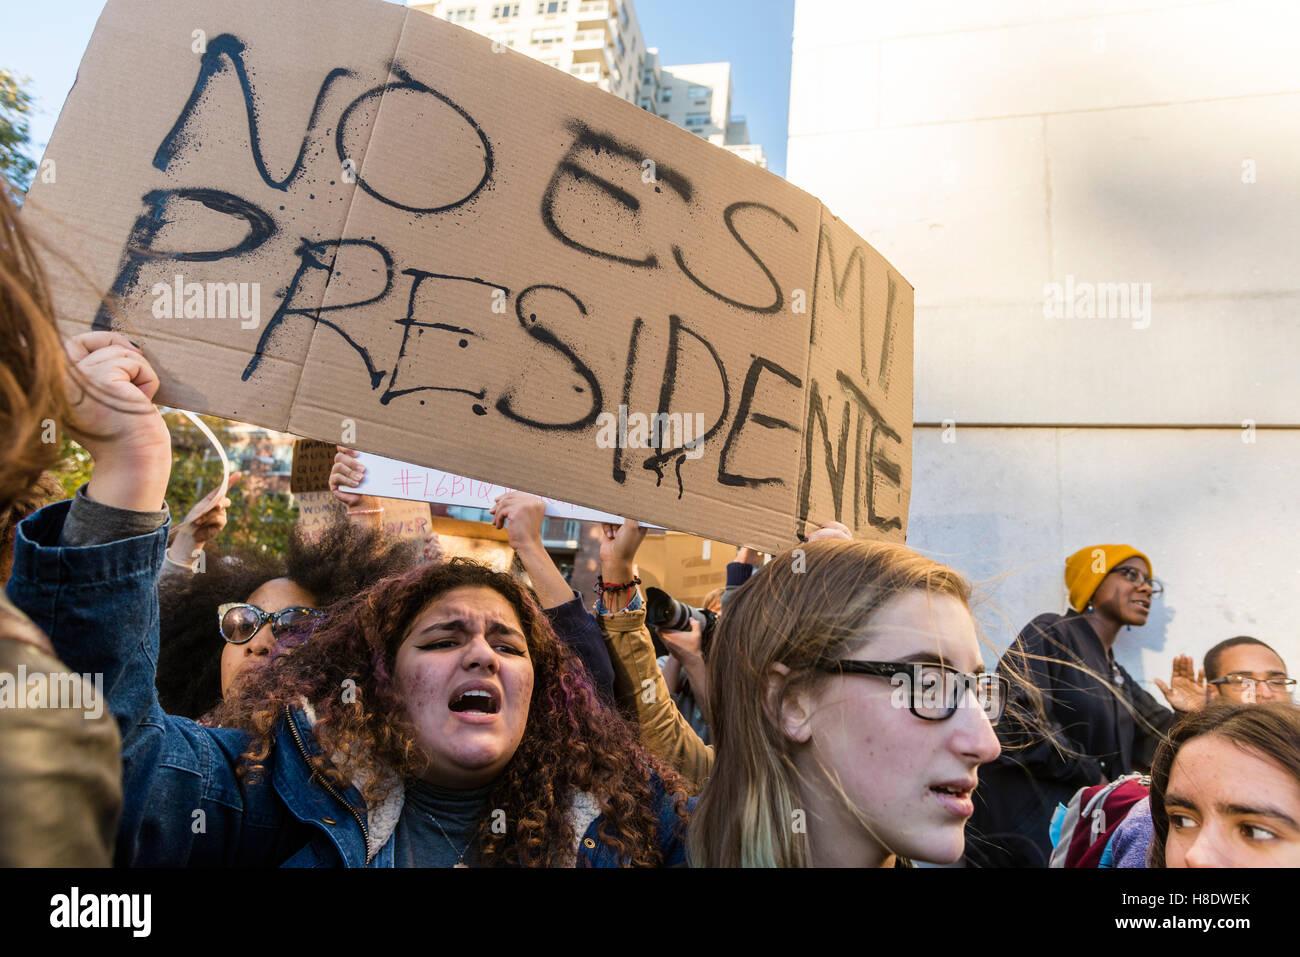 New York, Stati Uniti d'America 11 Novembre 2016 - Tre giorni dopo le elezioni presidenziali di circa 4000 supporta Foto Stock